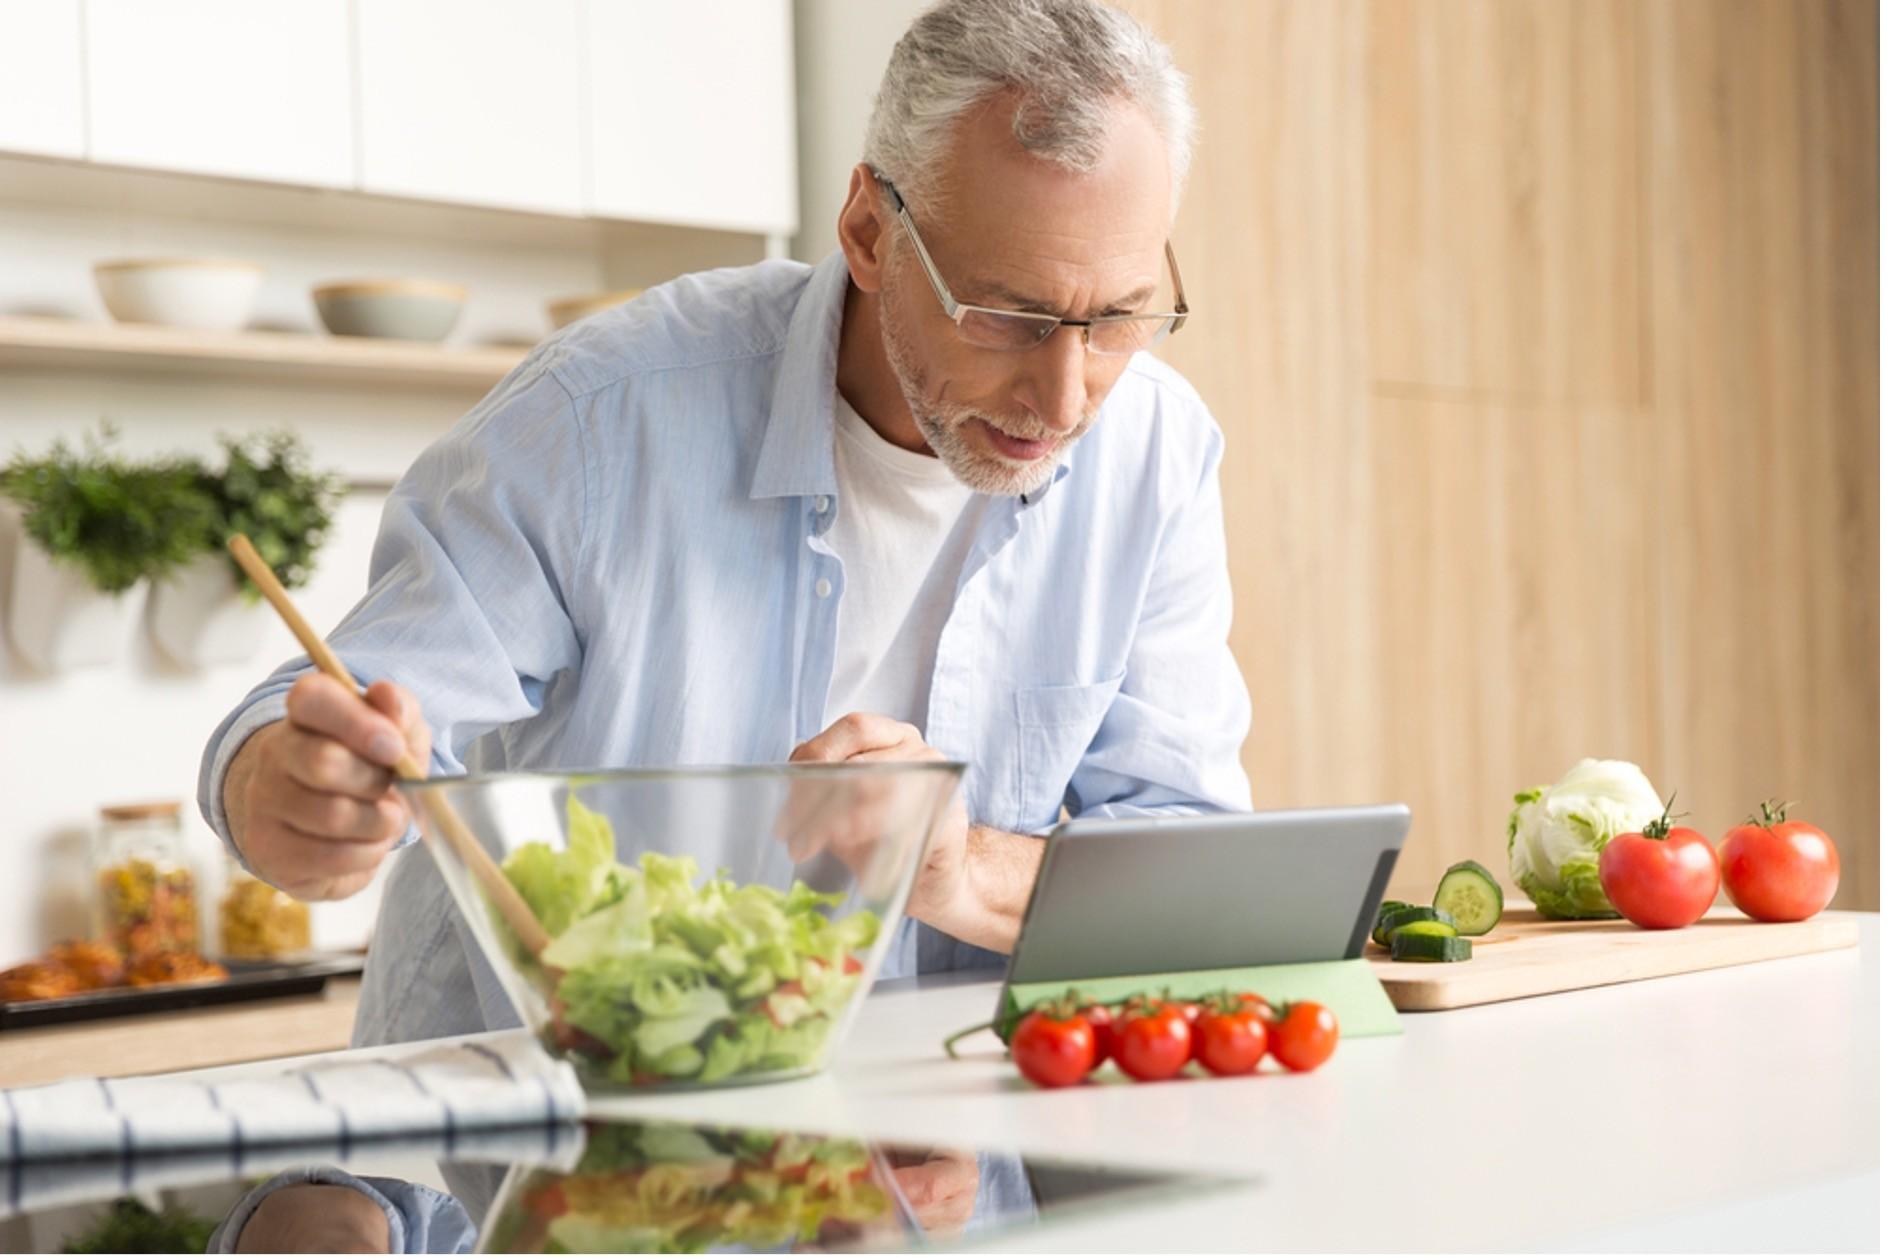 Não gosta de cozinhar? Conheça os benefícios de preparar suas refeições e veja dicas para começar